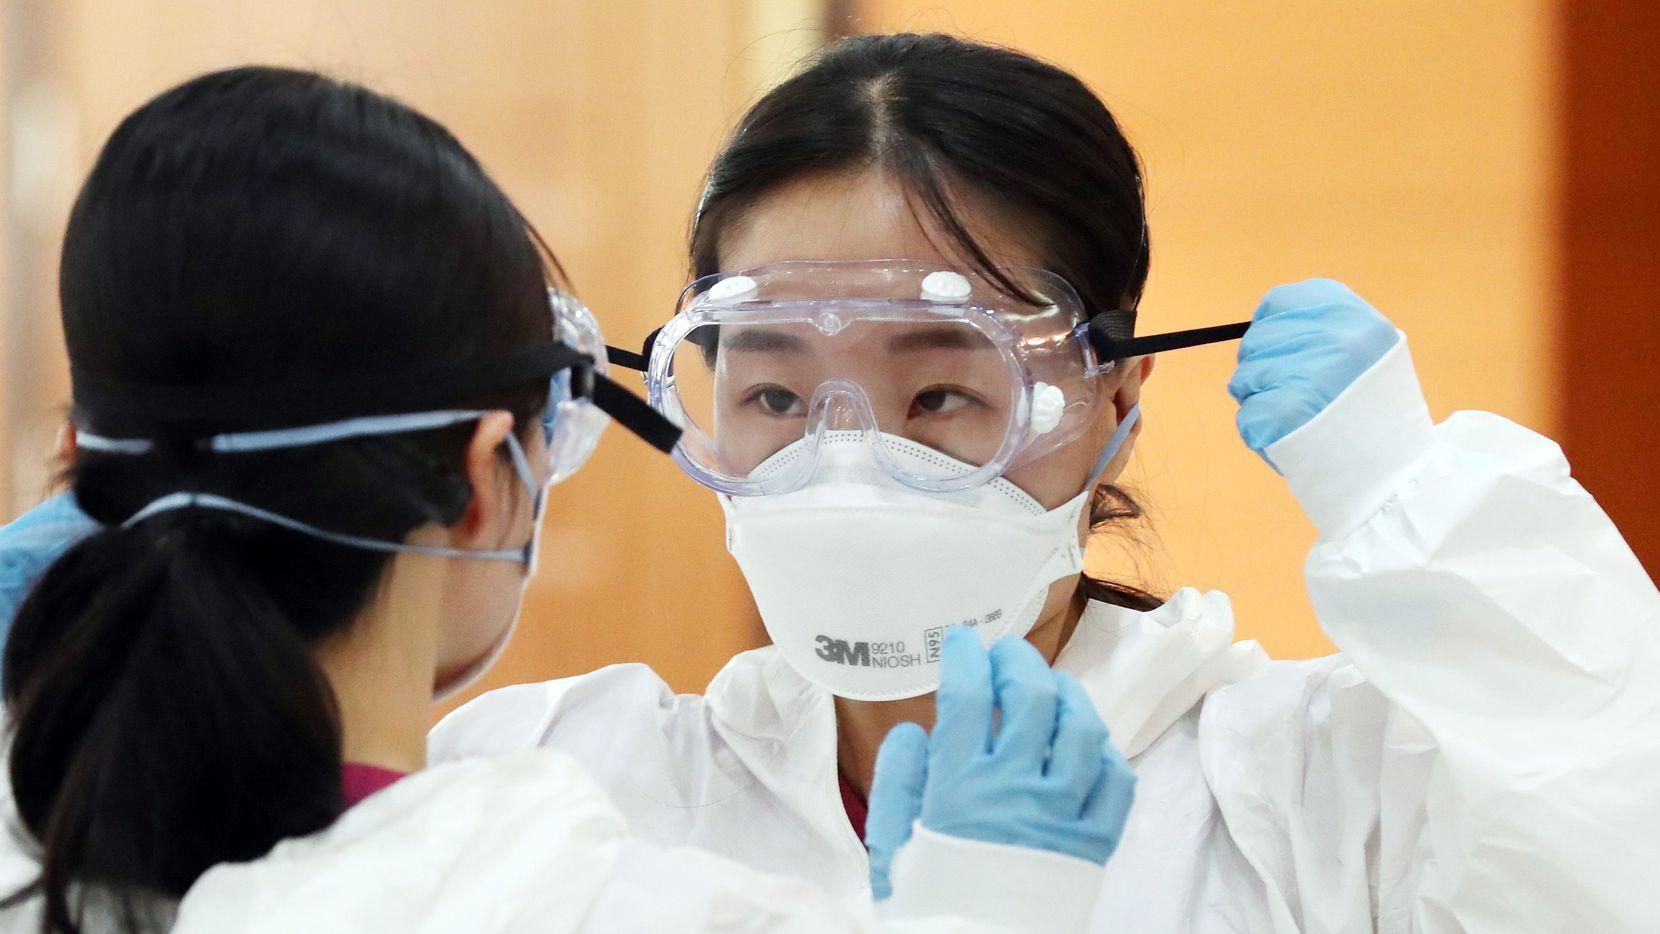 El condado de Dallas sí estaría listo para enfrentar una crisis de salud como la coronavirus.